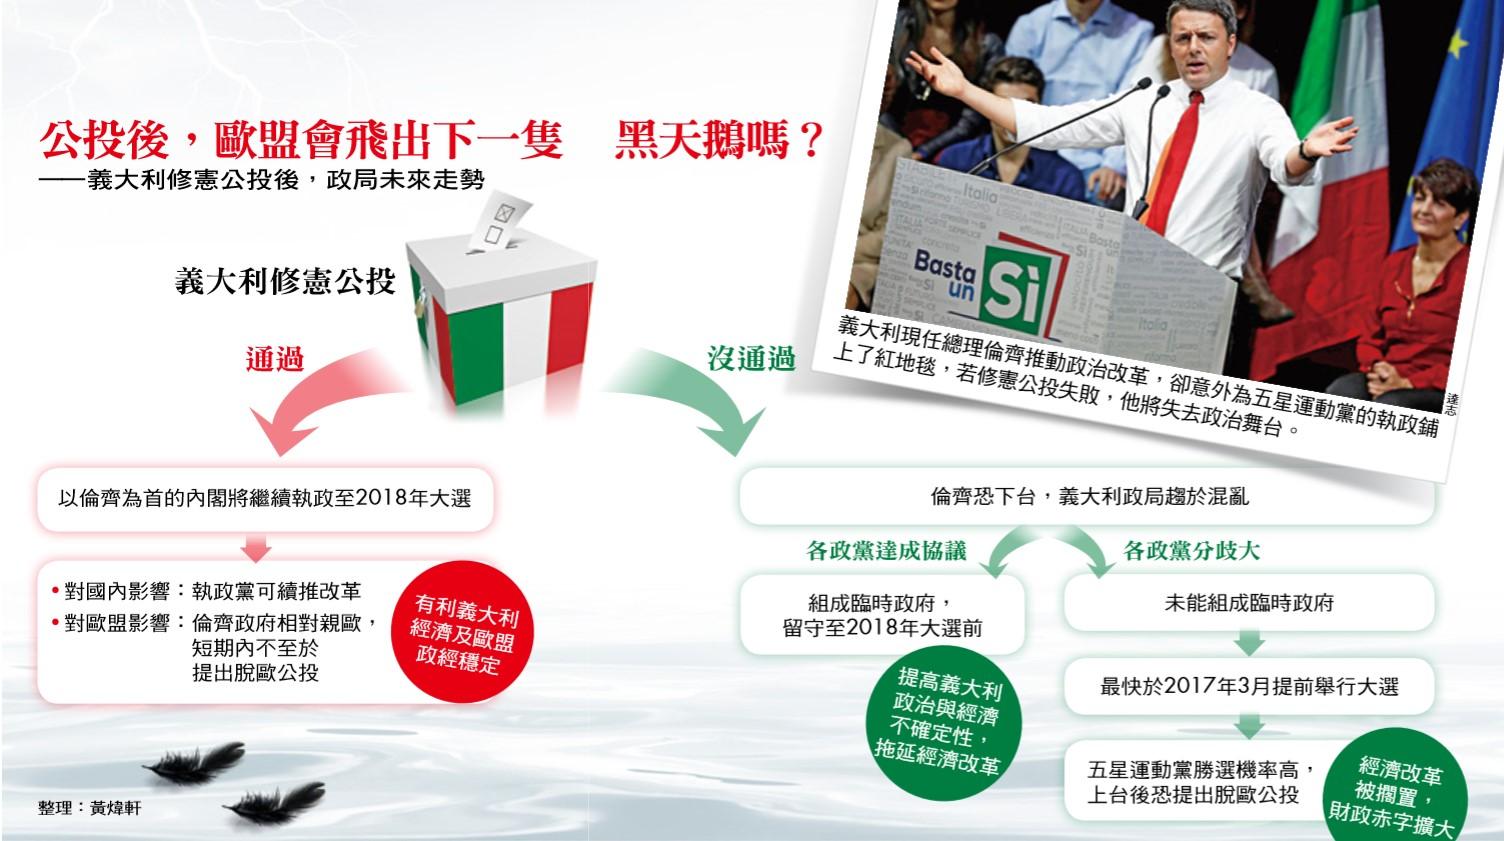 義大利修憲公投